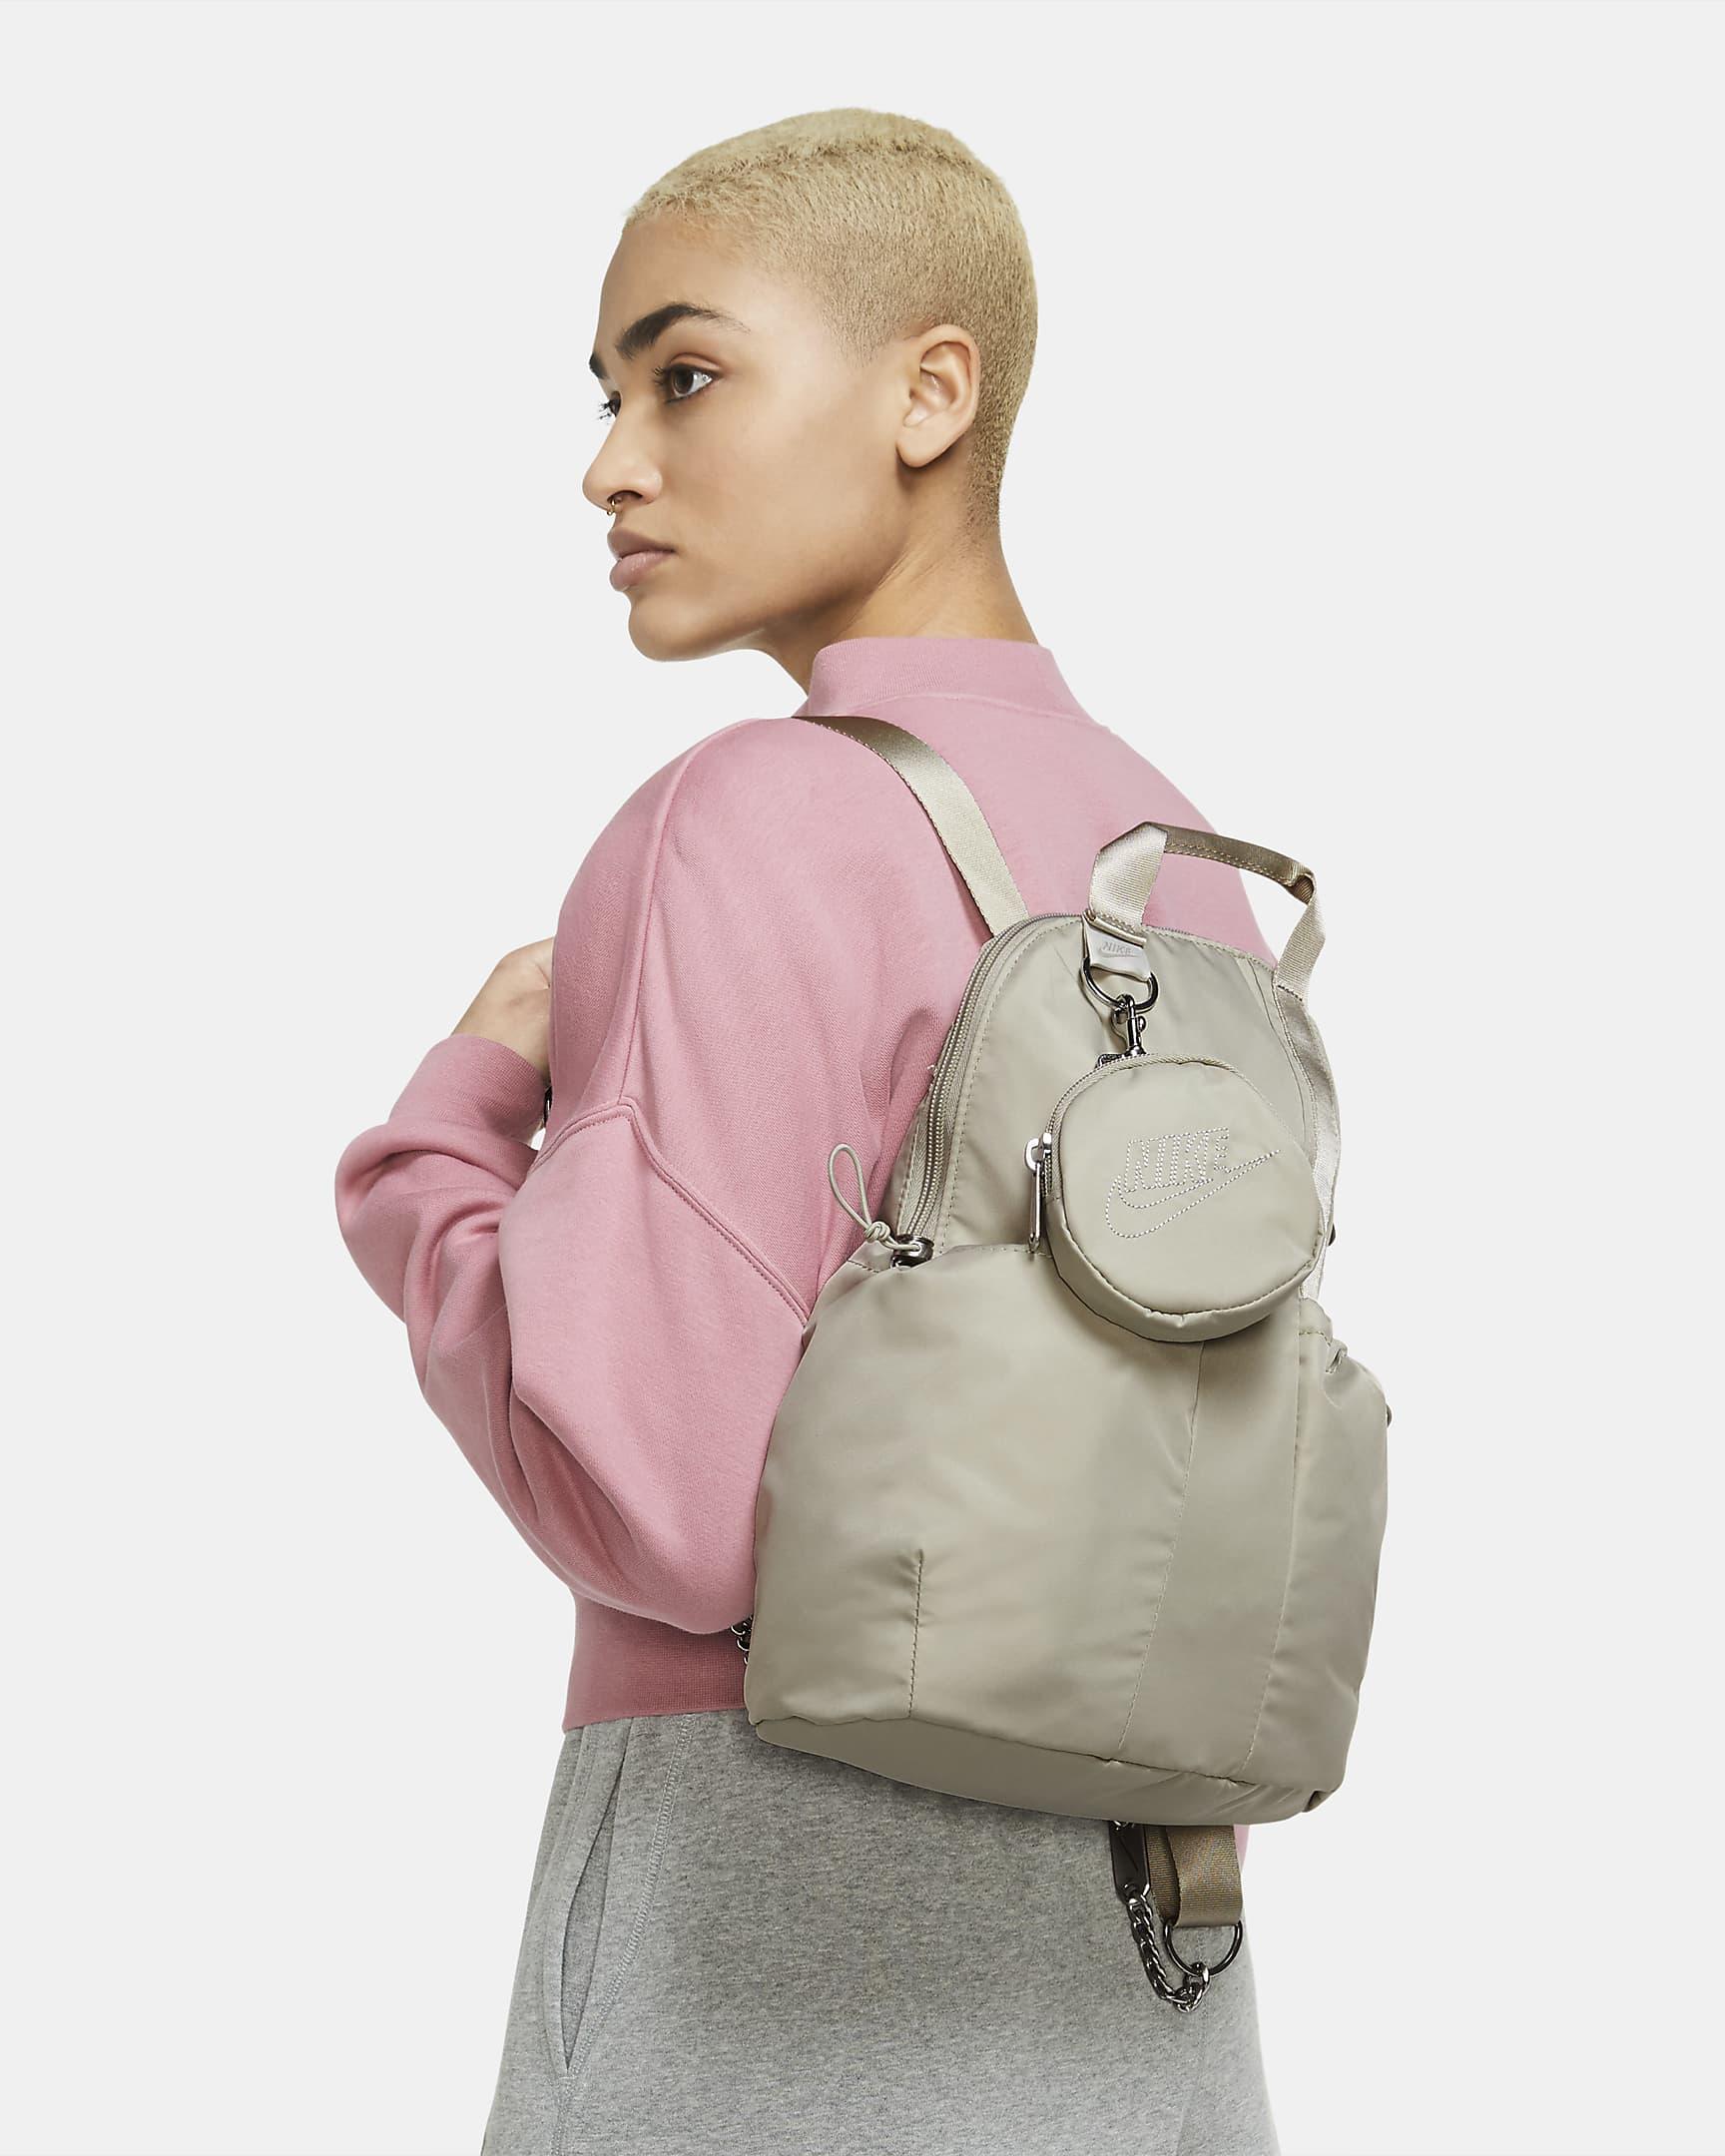 Mini mochila satinada con monedero Futura Luxe